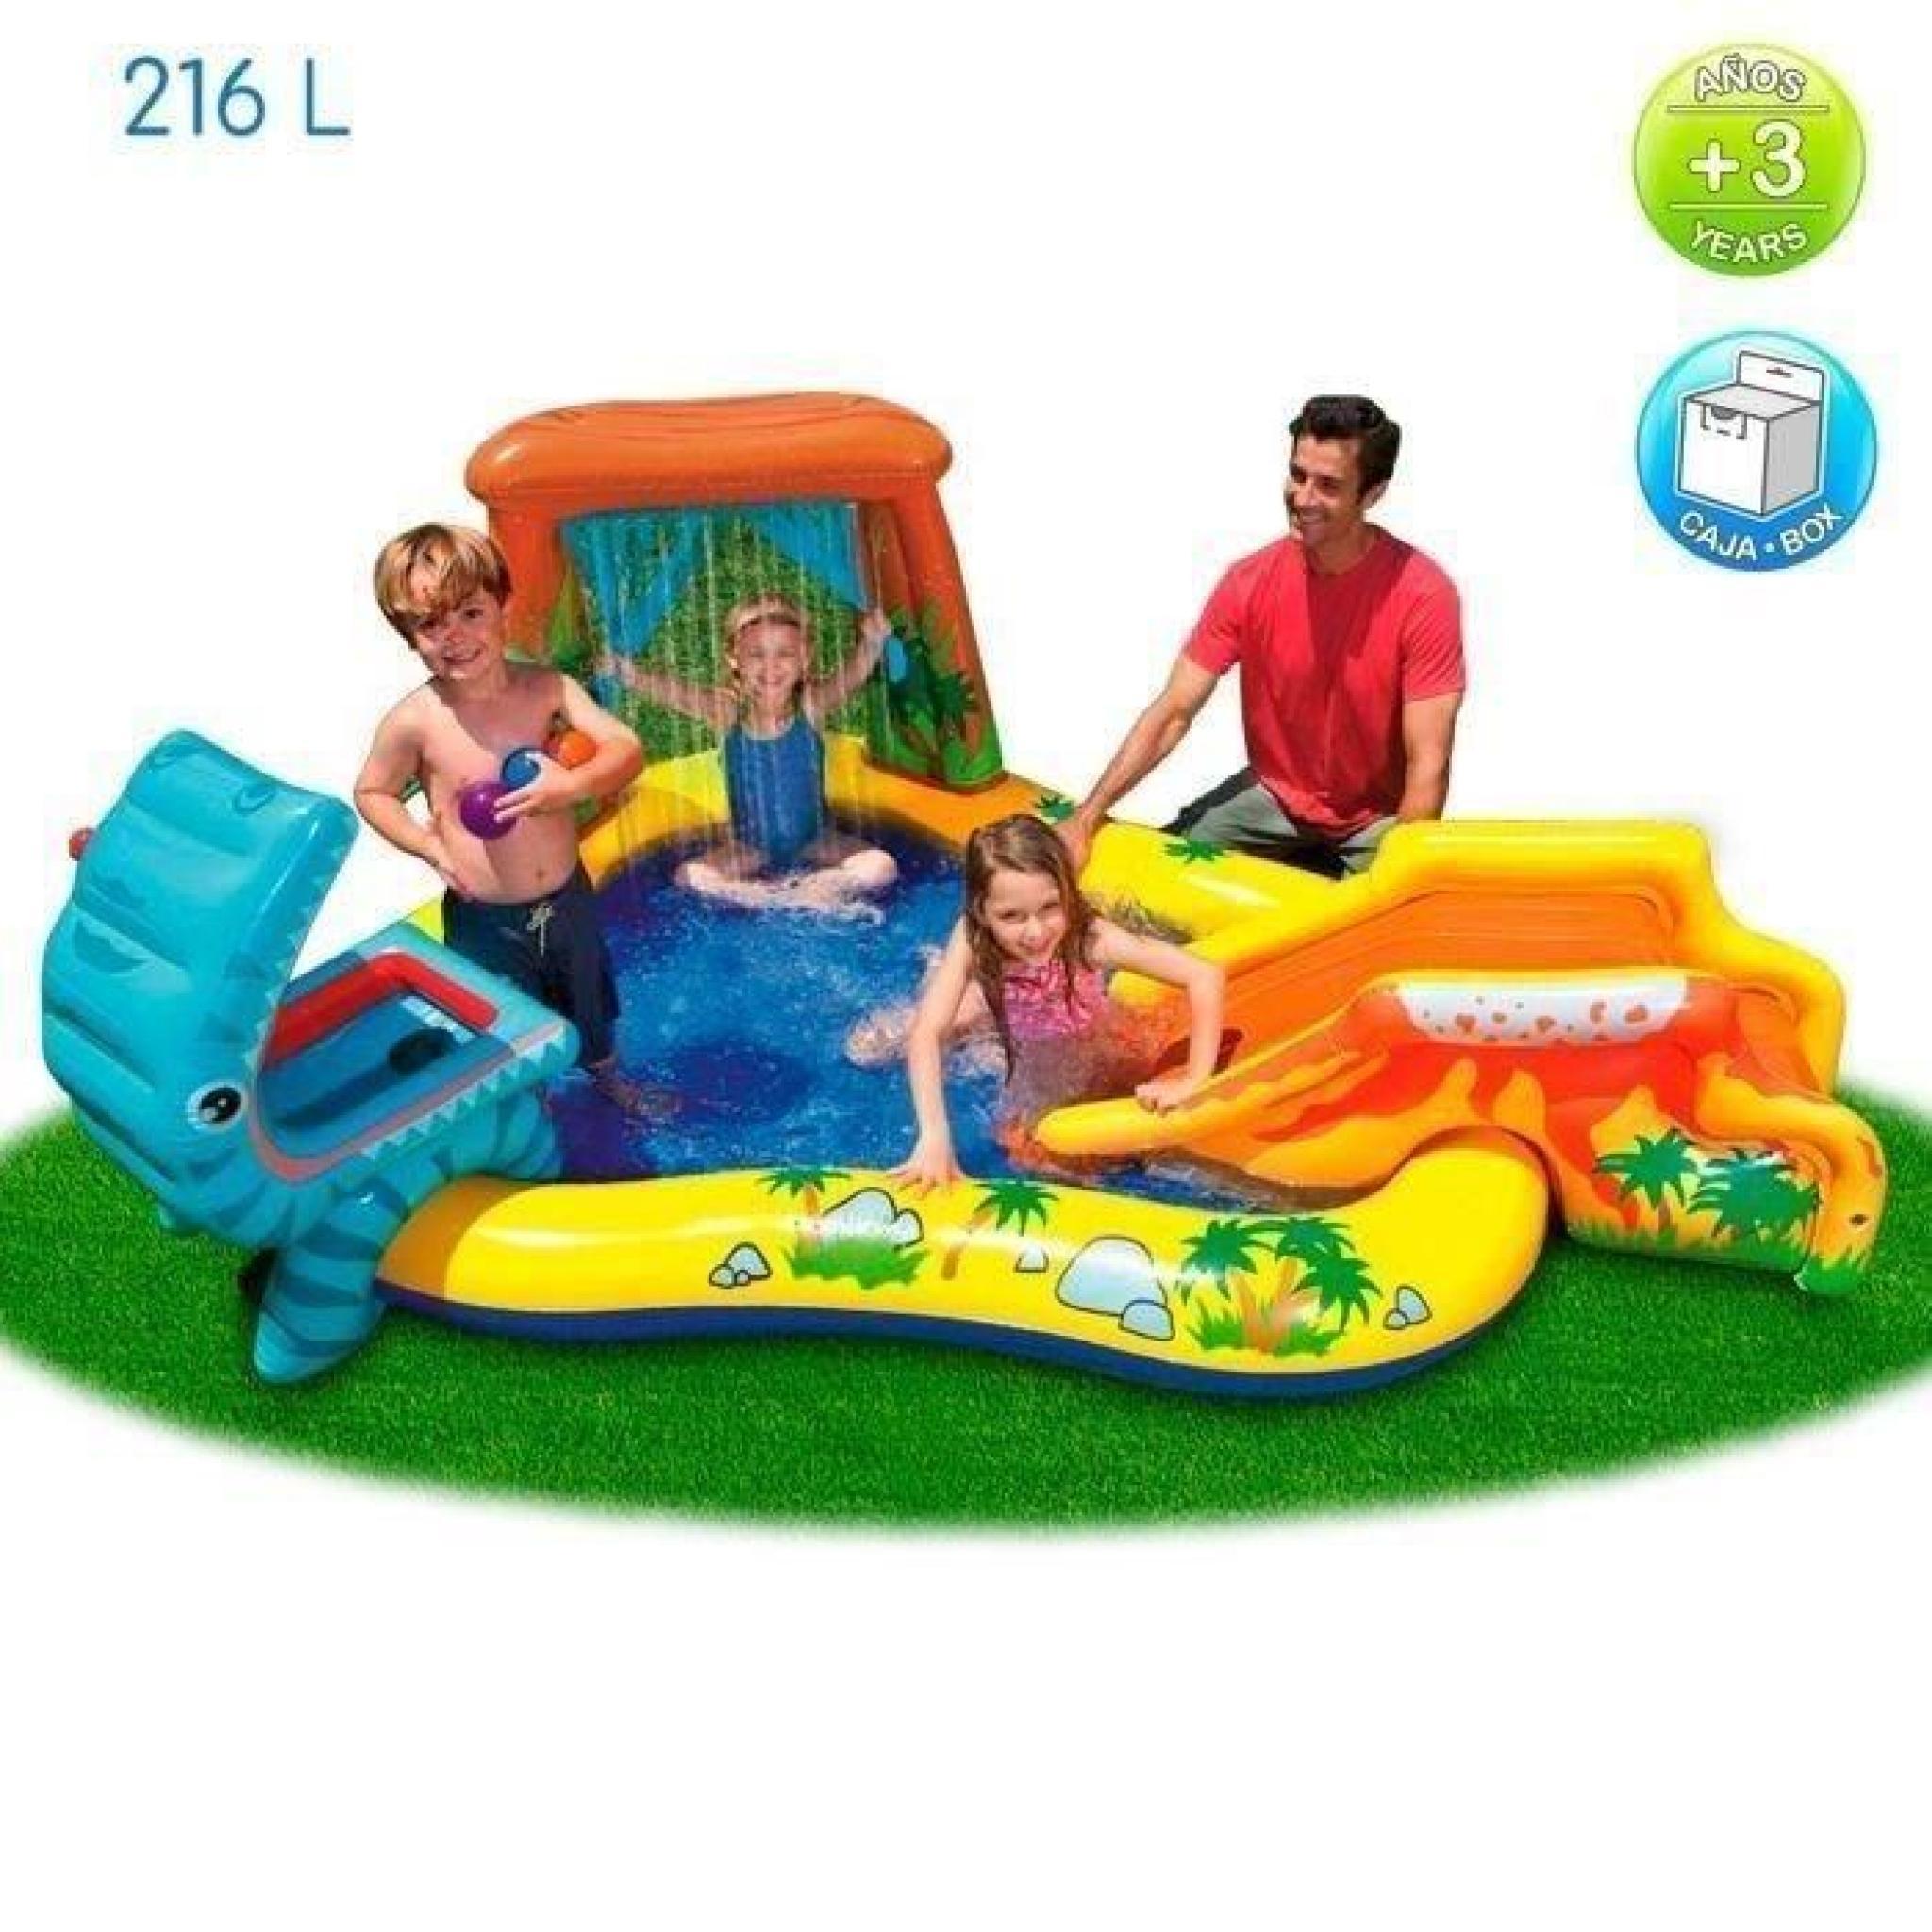 Intex Piscine Gonflable Enfant / Aire De Jeux Aquatique 297 X 193 X 135 Cm  Rainbow Avec Toboggan, Sprayer, Anneaux Gonflables Et Bal intérieur Piscine Enfant Intex